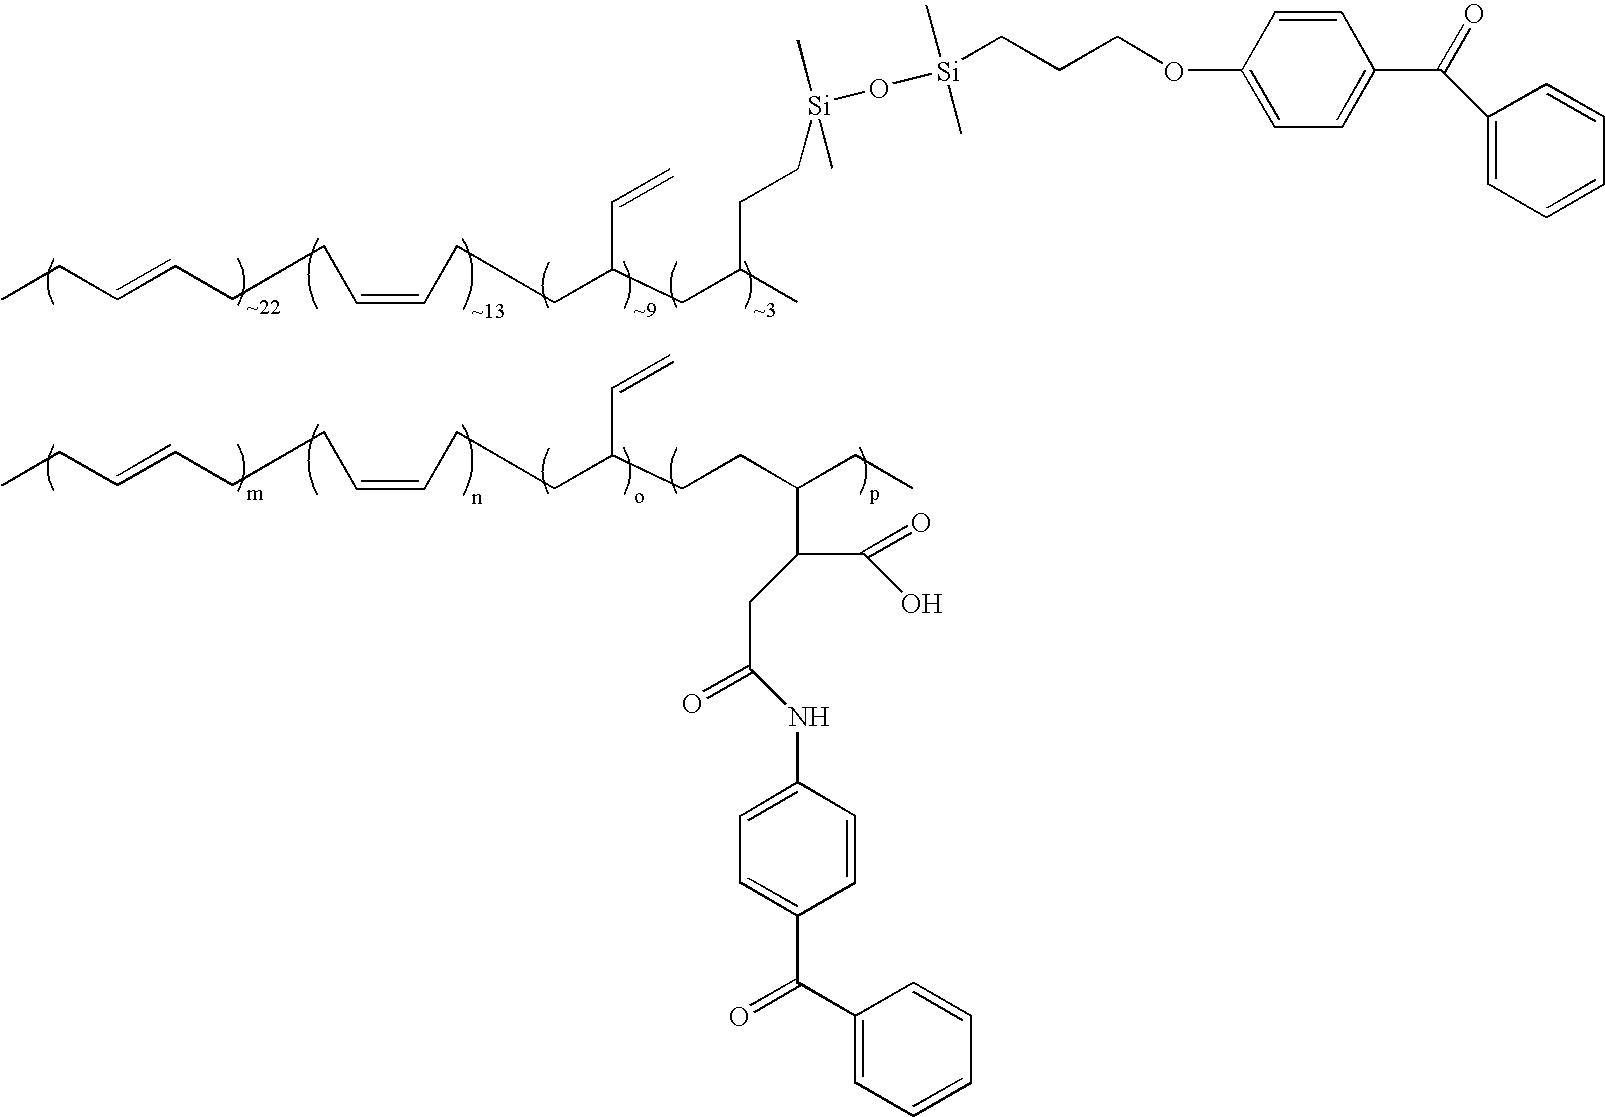 Figure US20040049836A1-20040318-C00003